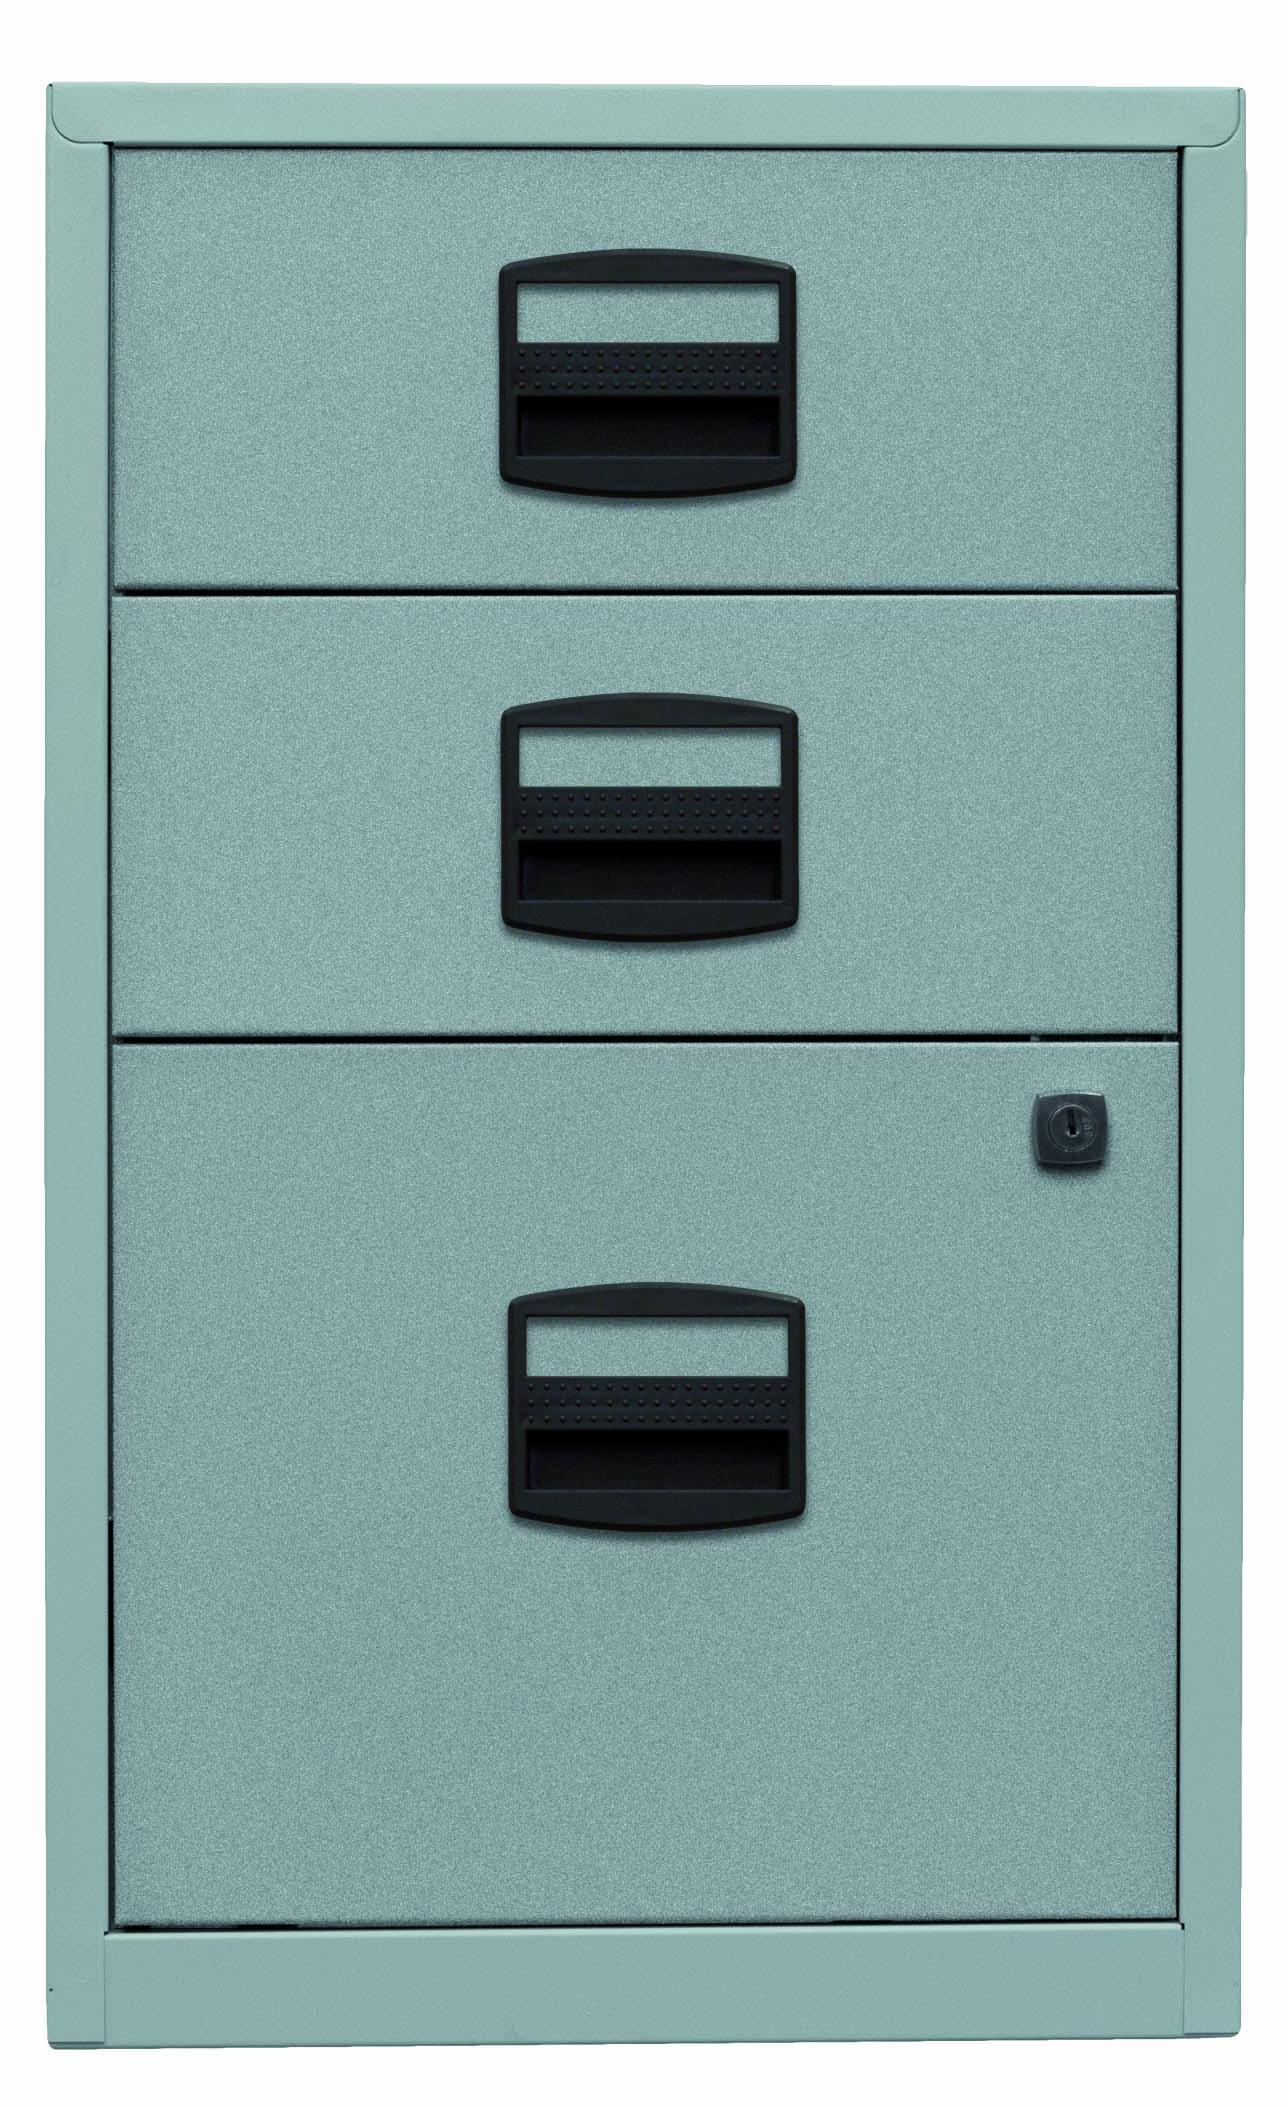 Beistellschrank PFA, 2 Universalschubladen, 1 HR-Schublade, Farbe silber